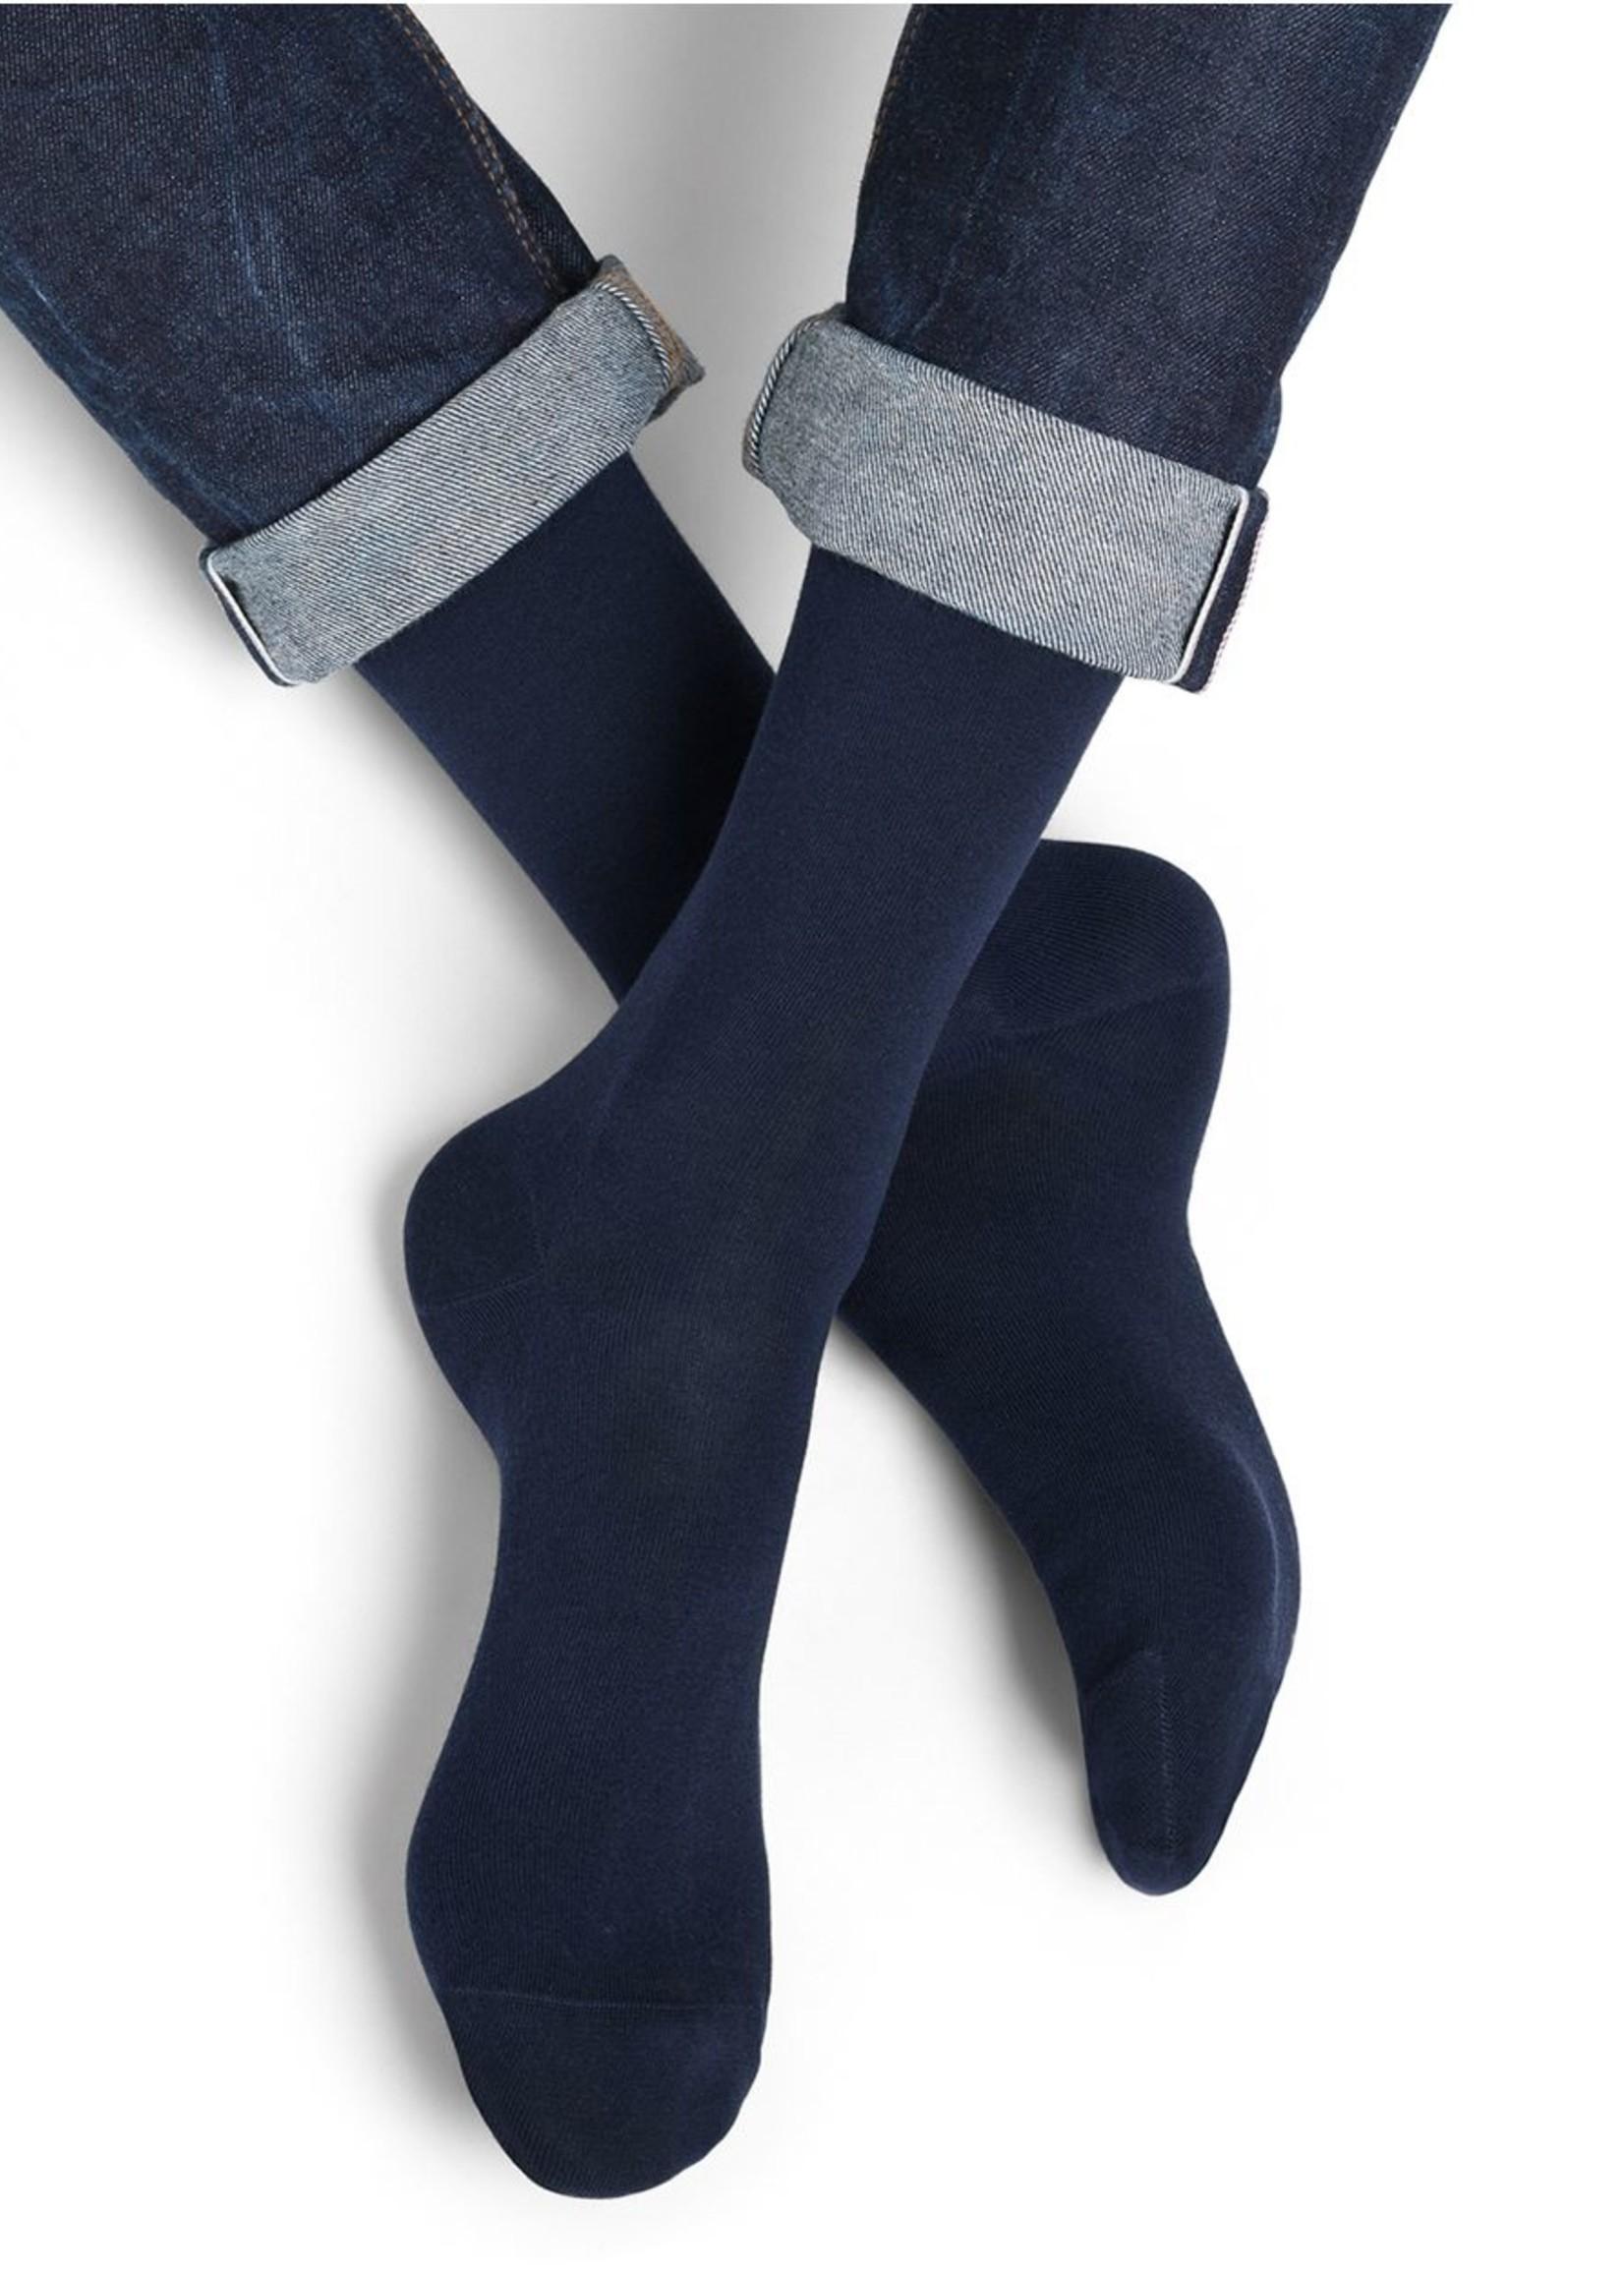 Bleuforet Men's Egyptian Cotton Socks